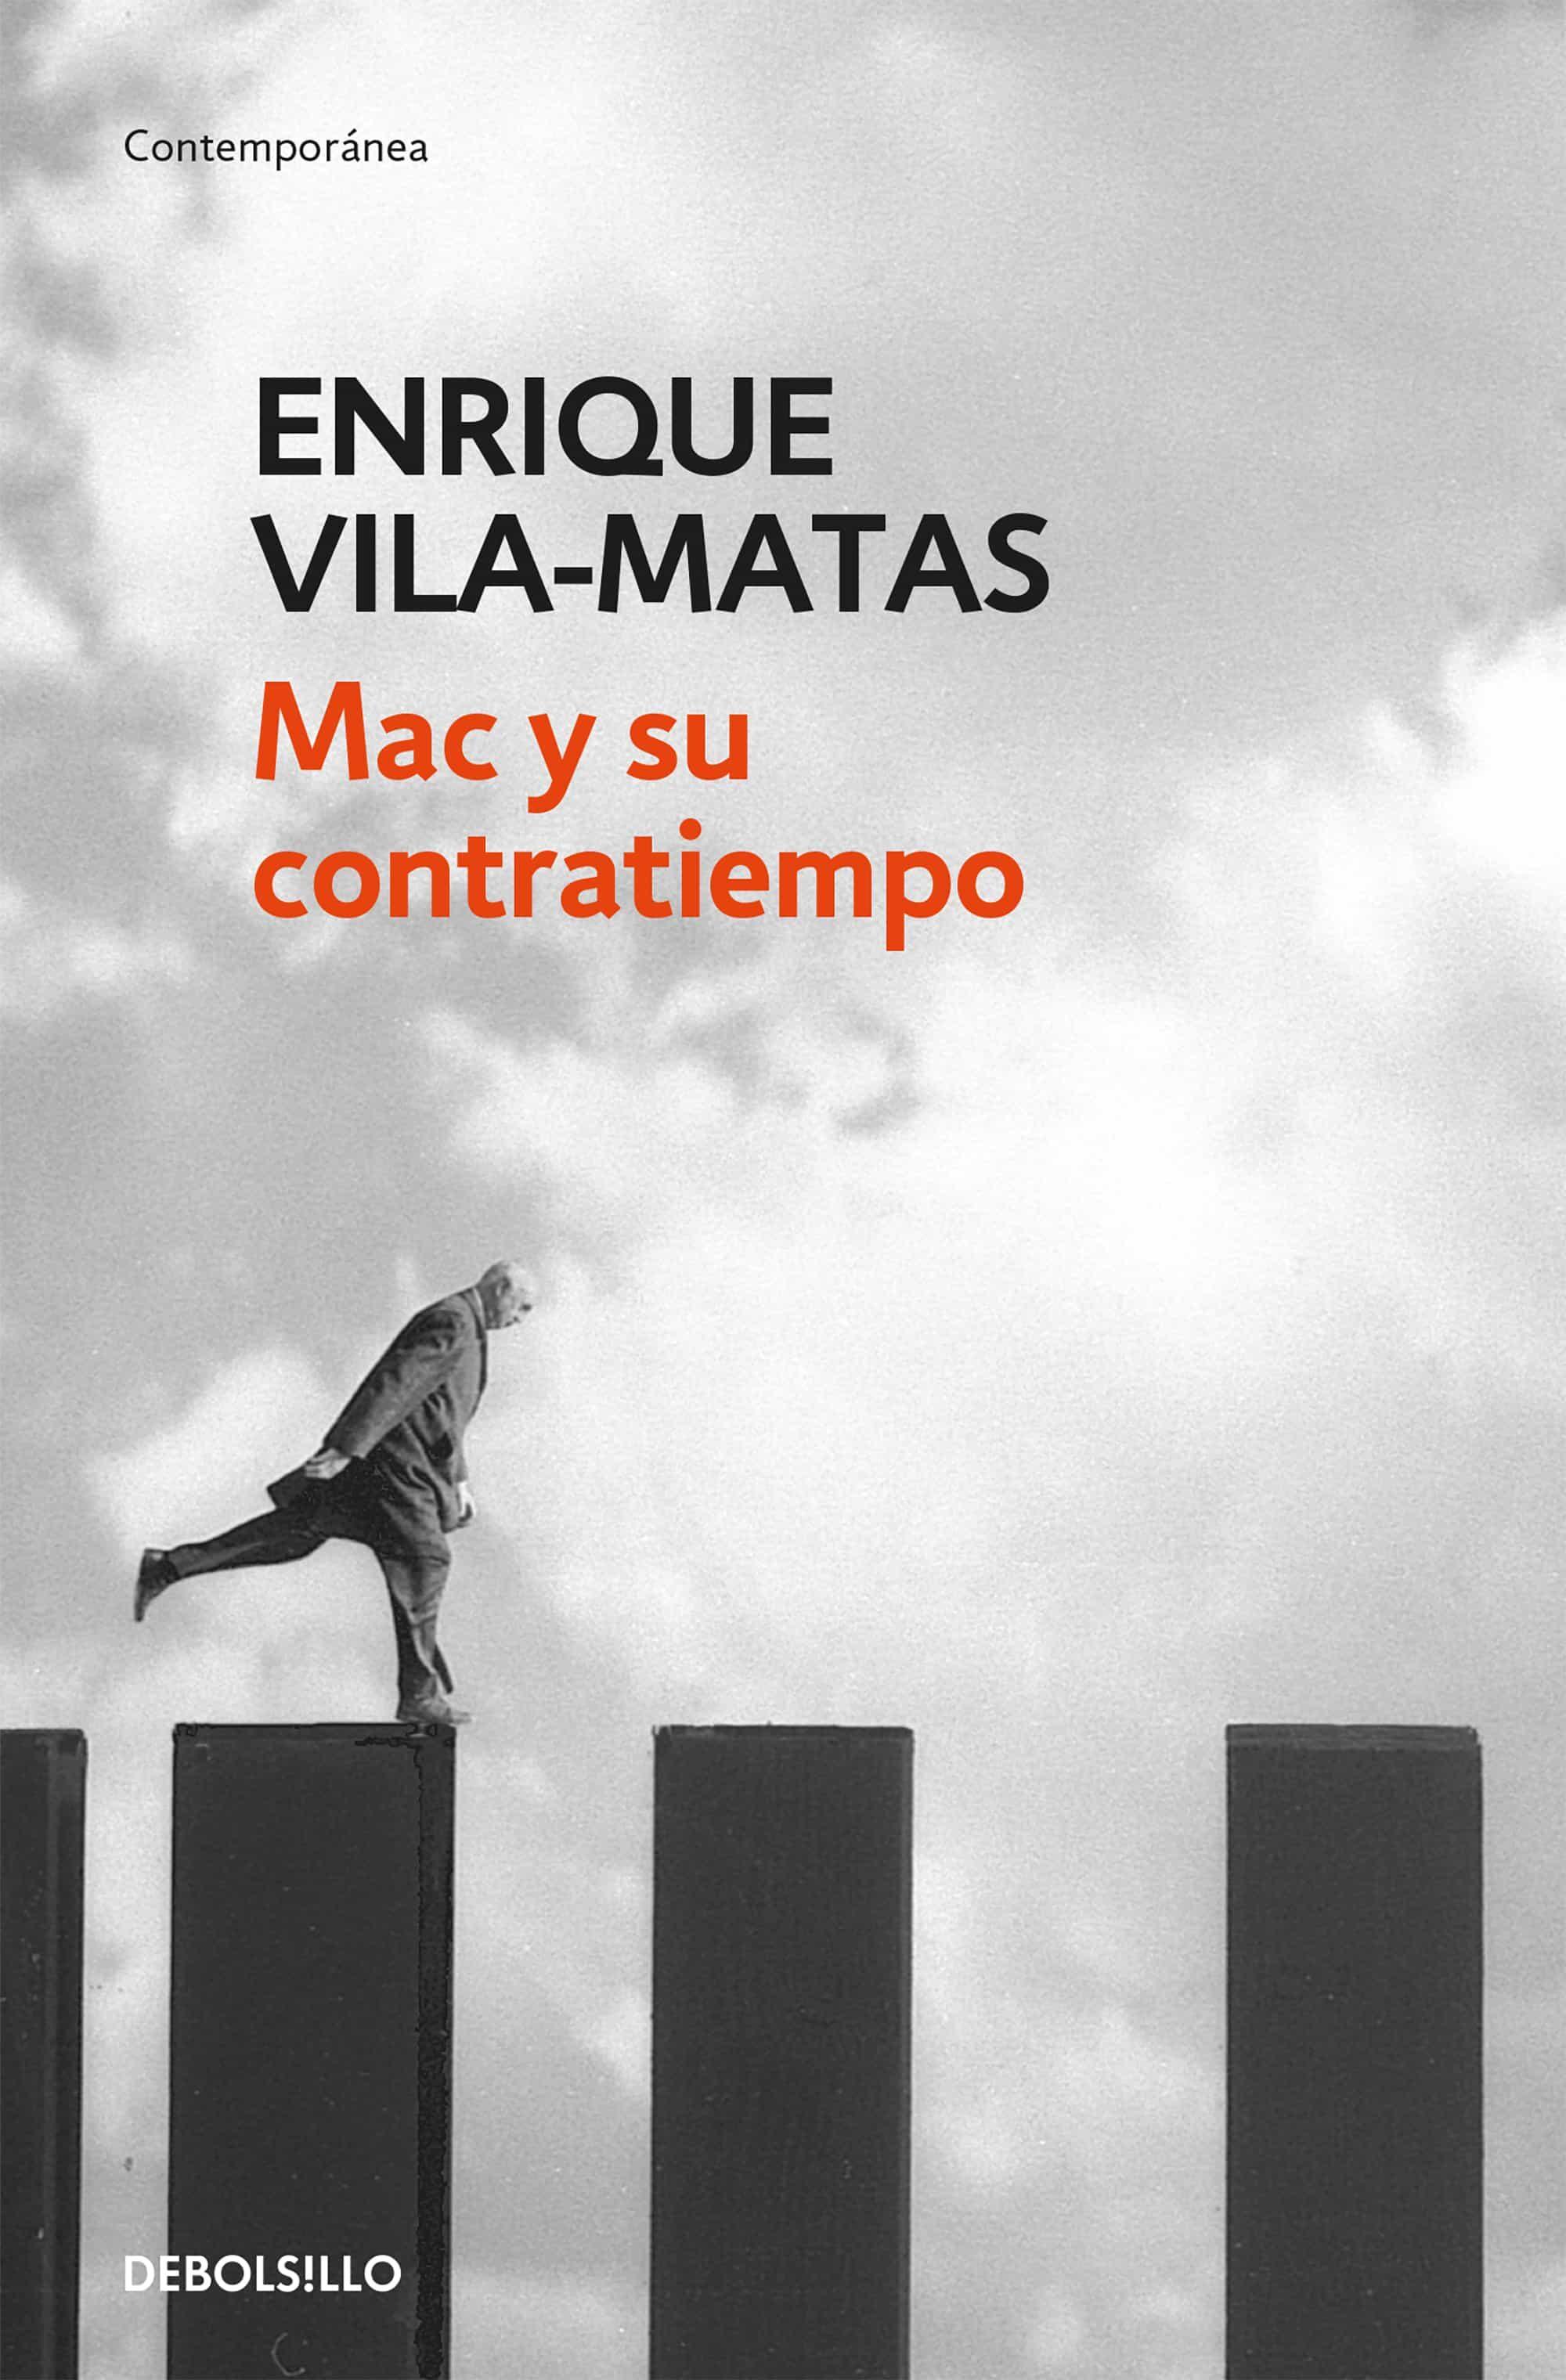 Mac Y Su Contratiempo por Enrique Vila-matas